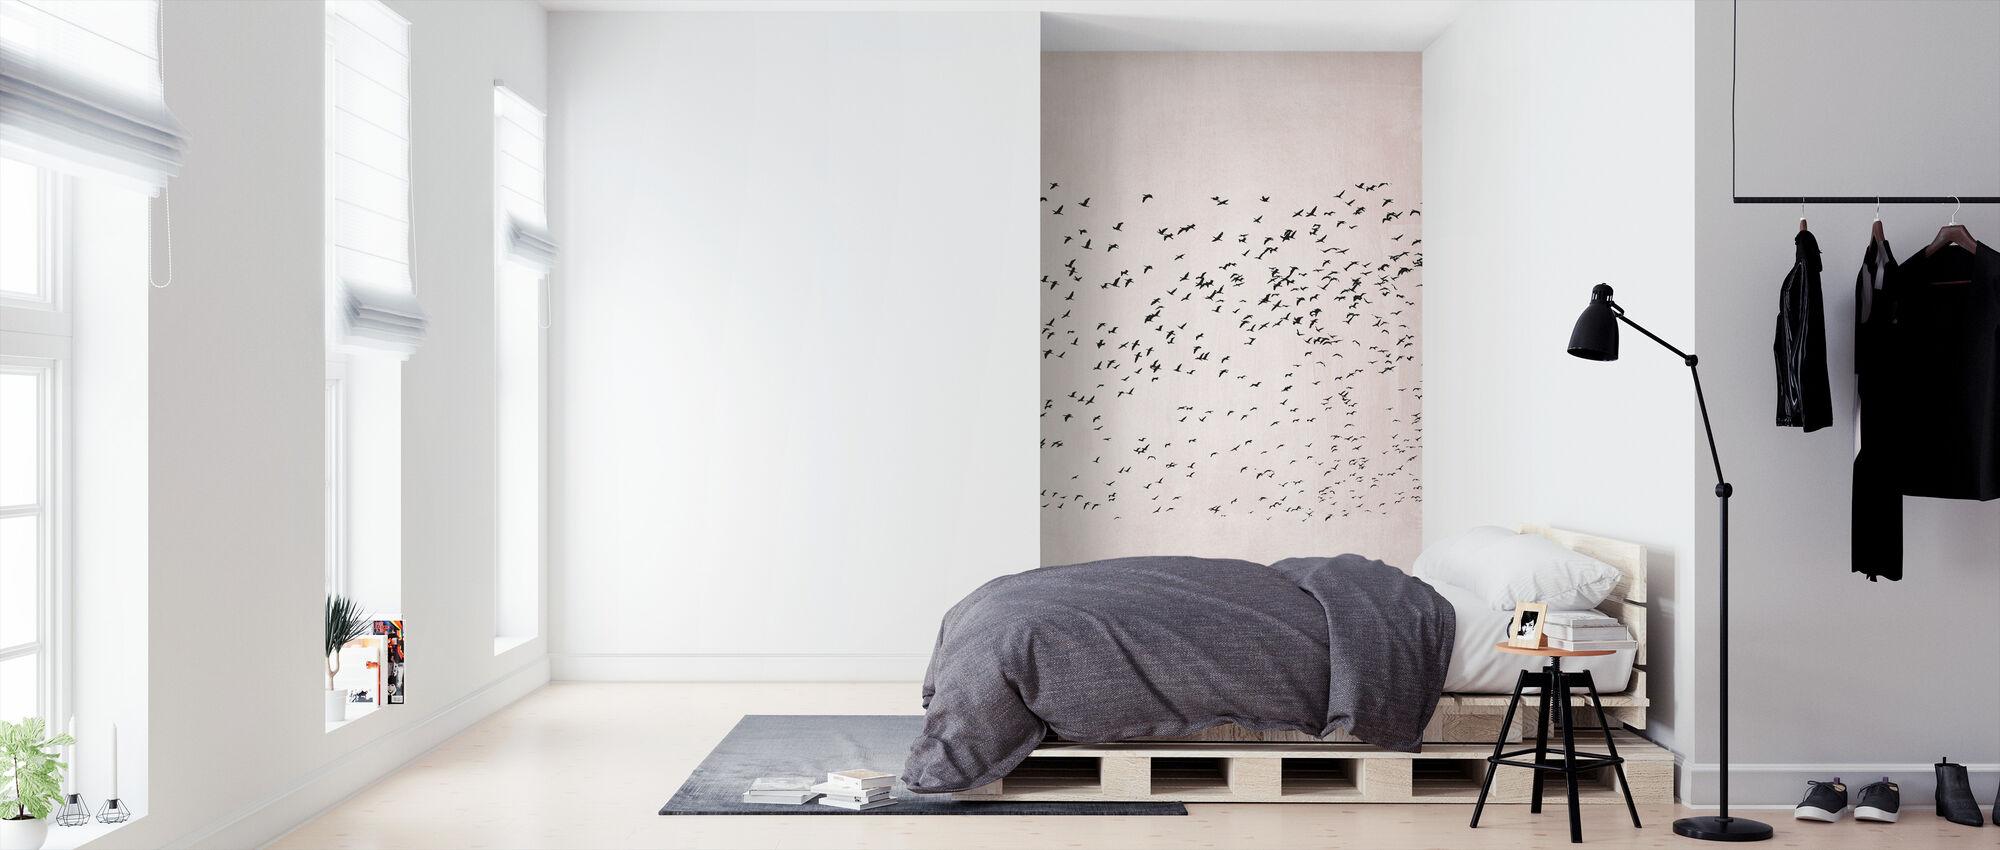 Weitermachen - Tapete - Schlafzimmer